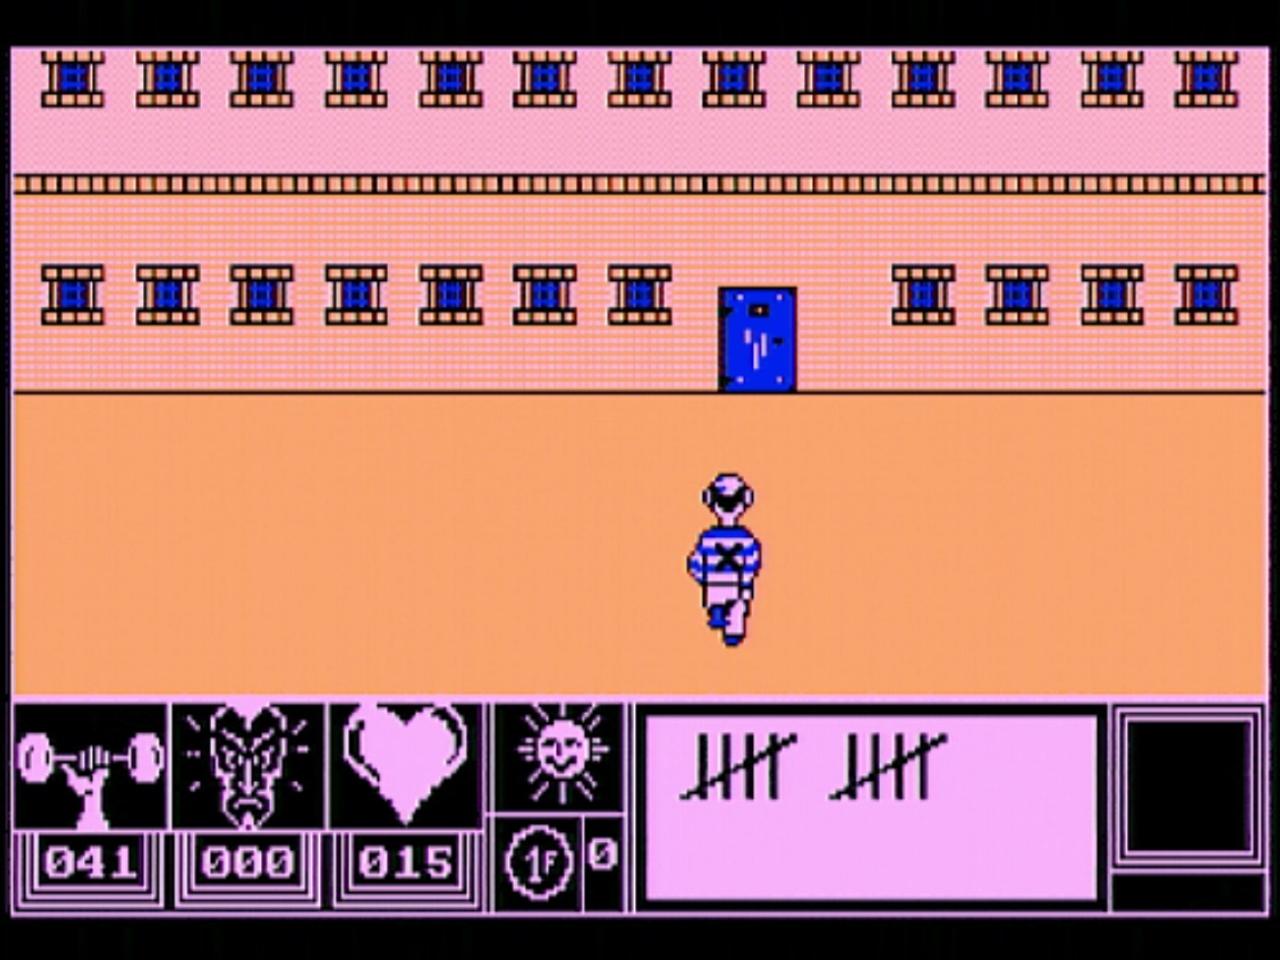 Doomsday Blues - ERE Informatique/PSS Software 1985. Unter Zeitdruck aus dem verhassten Gefängnis auszubrechen, gestaltet sich anhand der wenigen Attributspunkte als äußerst schwierig. System ist gefragt! (Bild: André Körnig - CPC 464 capture)